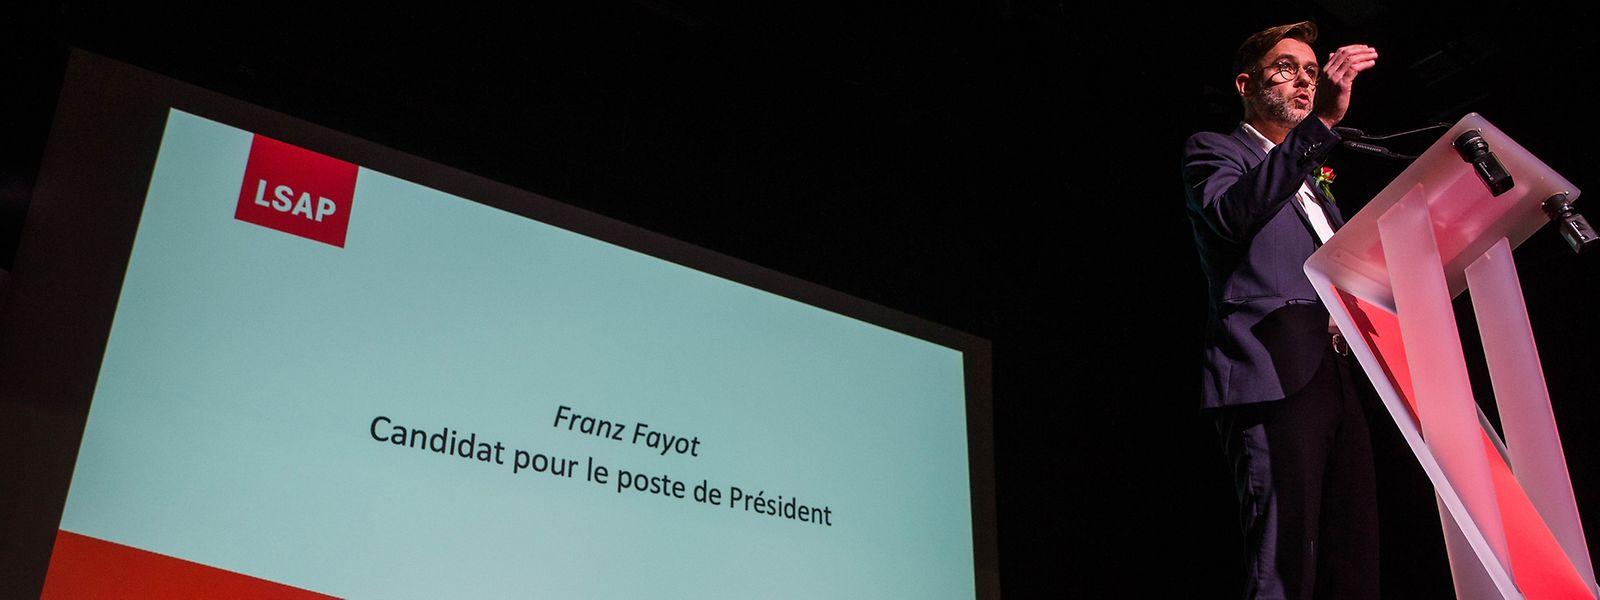 Franz Fayot est le nouveau président du parti socialiste (LSAP) au Luxembourg.